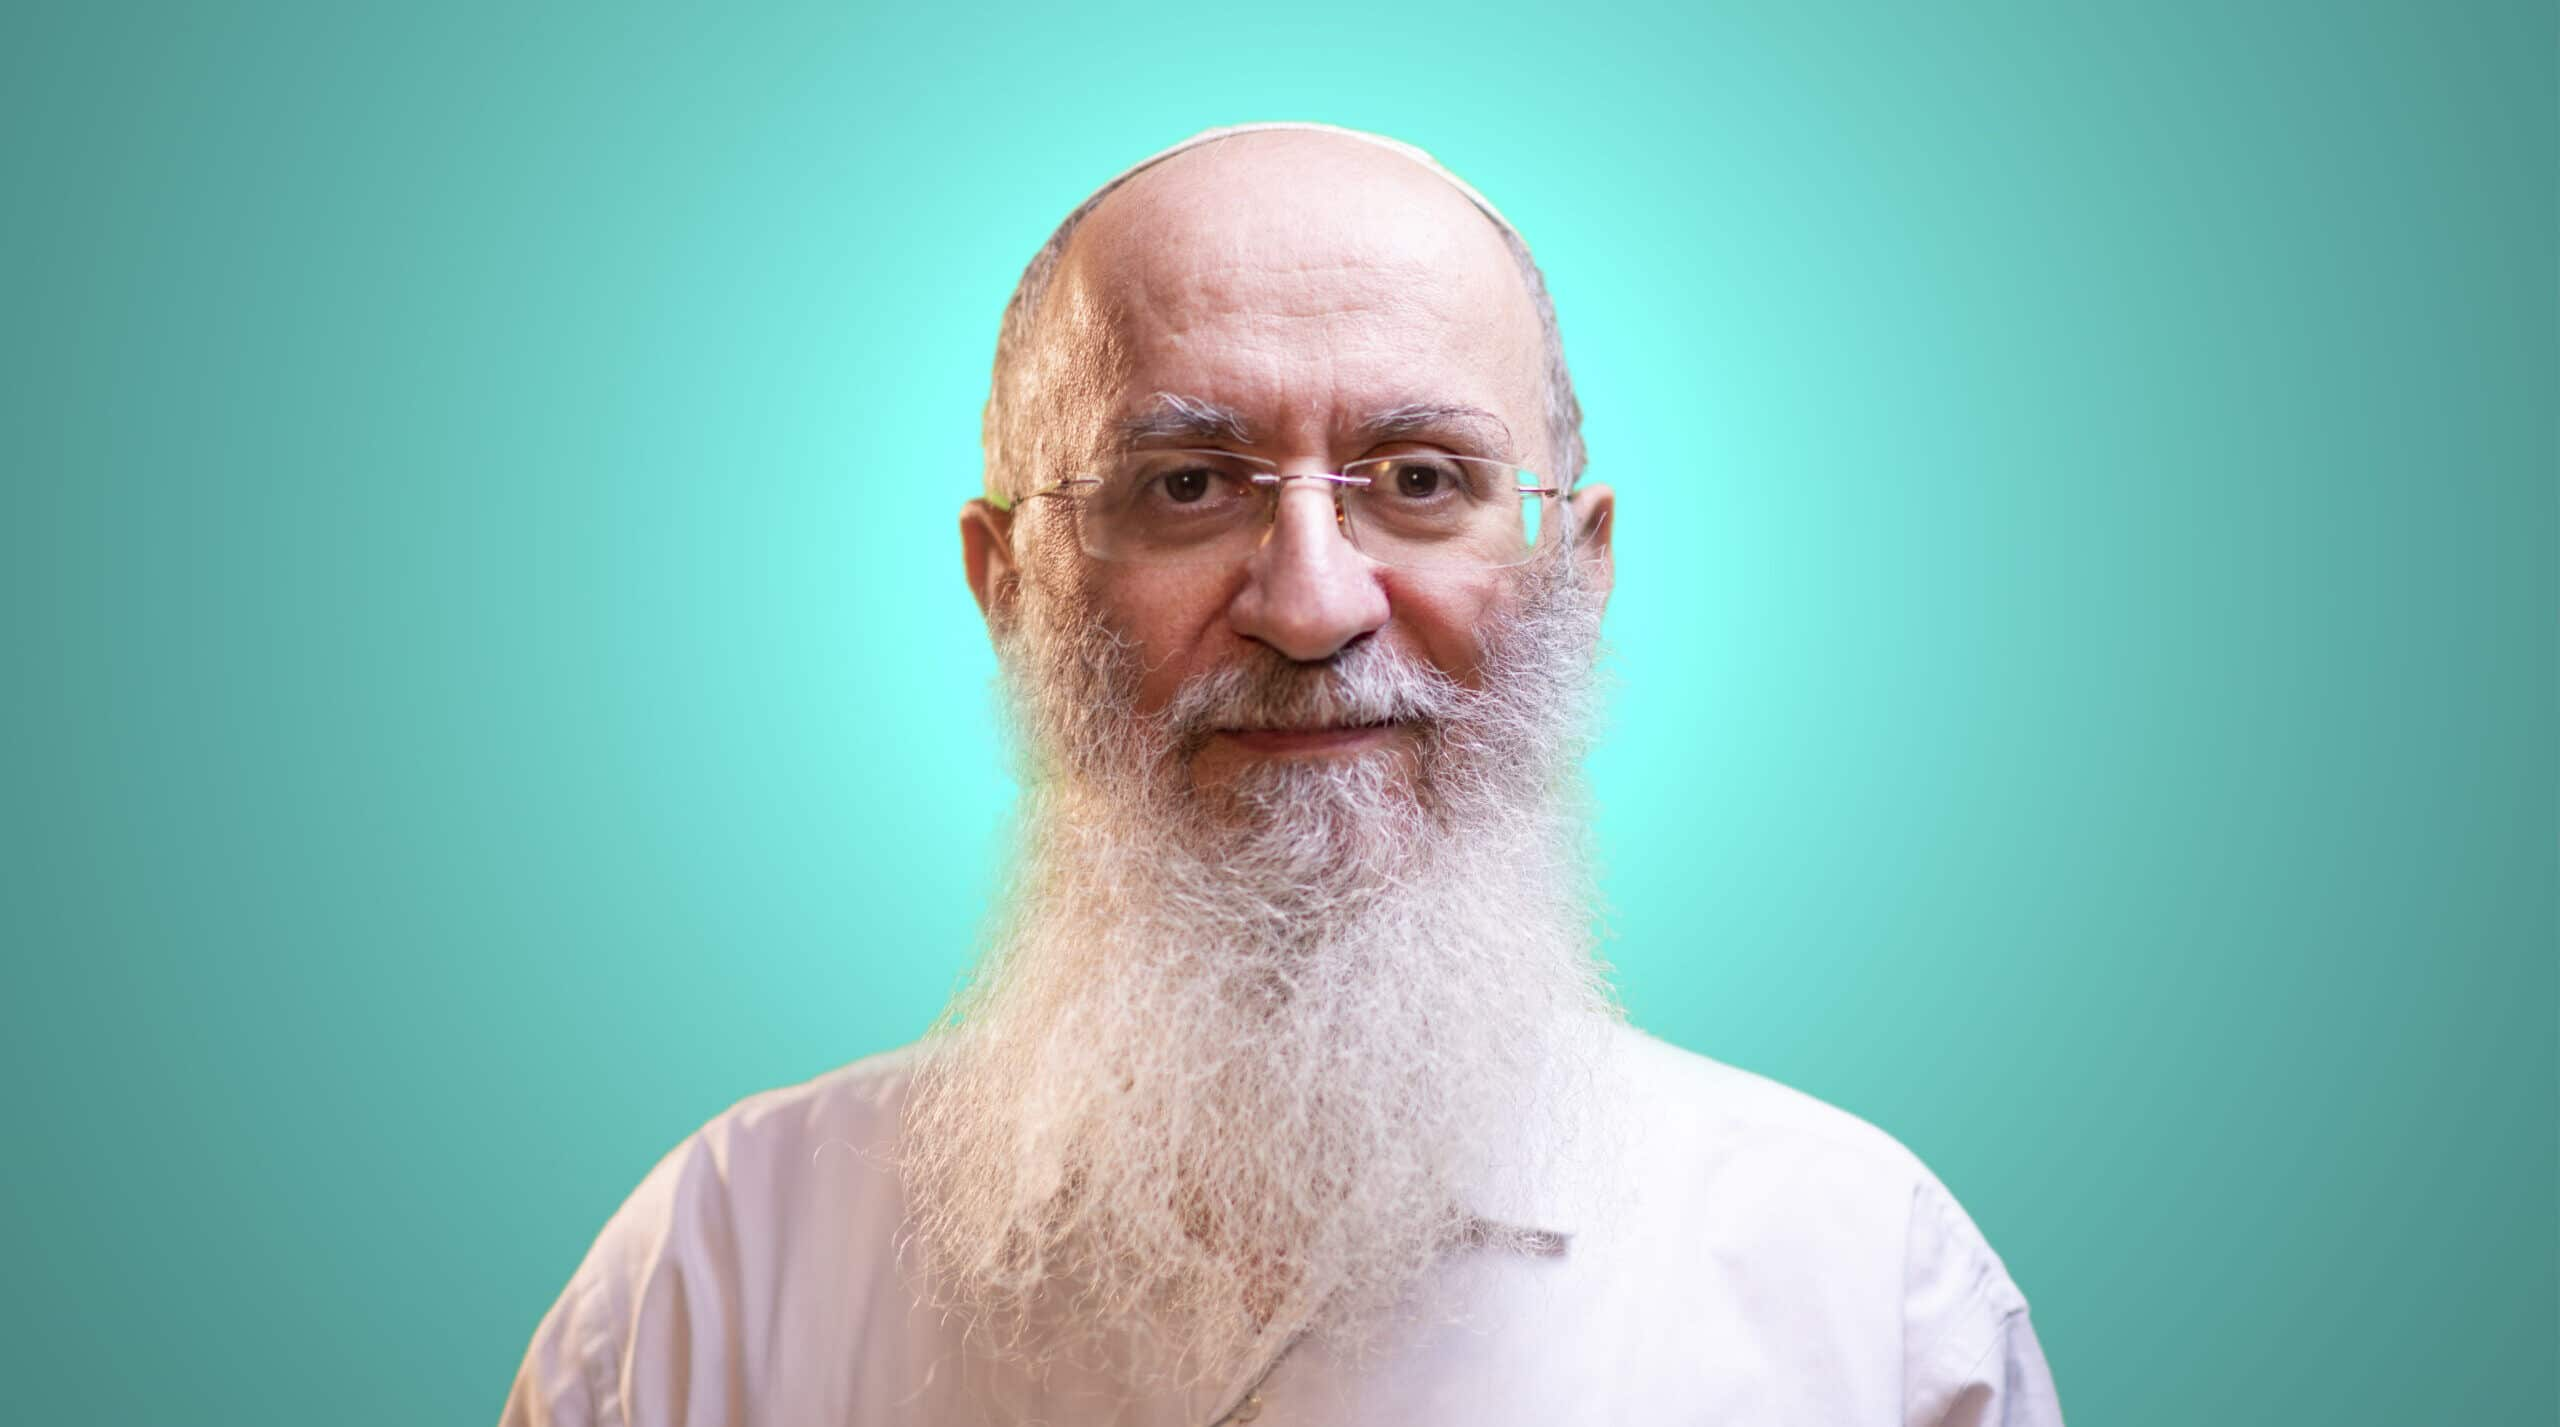 הרב אורי שרקי :מדוע עולמינו נקרא 'עלמא דשקרא' ?